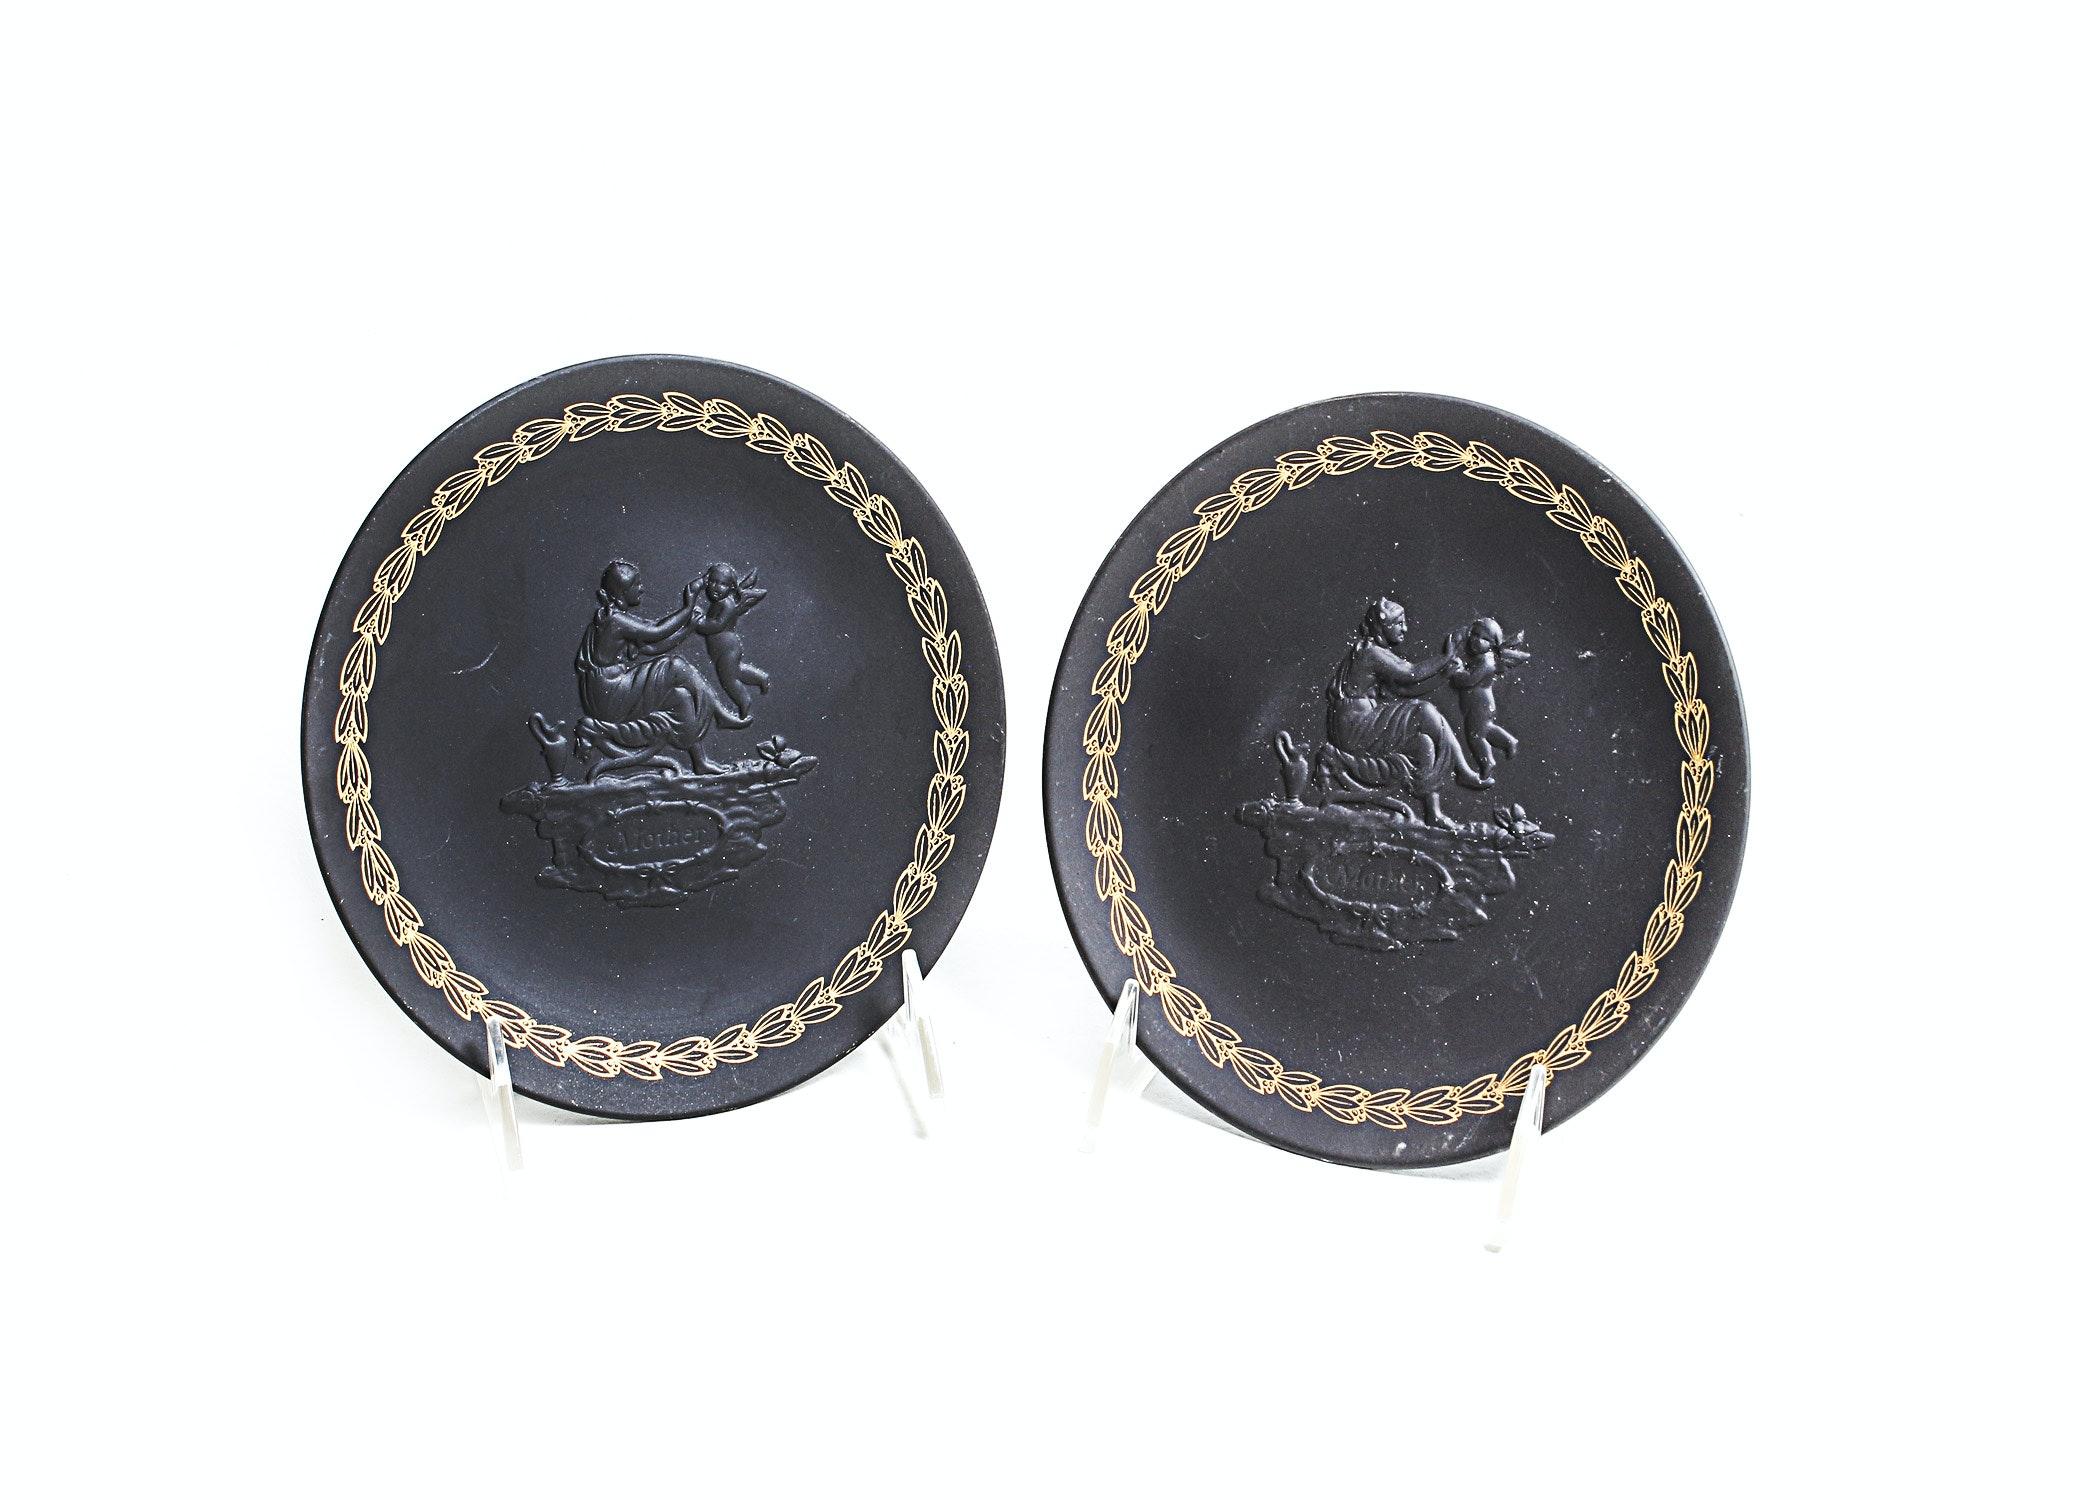 Pair of Vintage Wedgwood Black Jasperware Mother's Day Plates